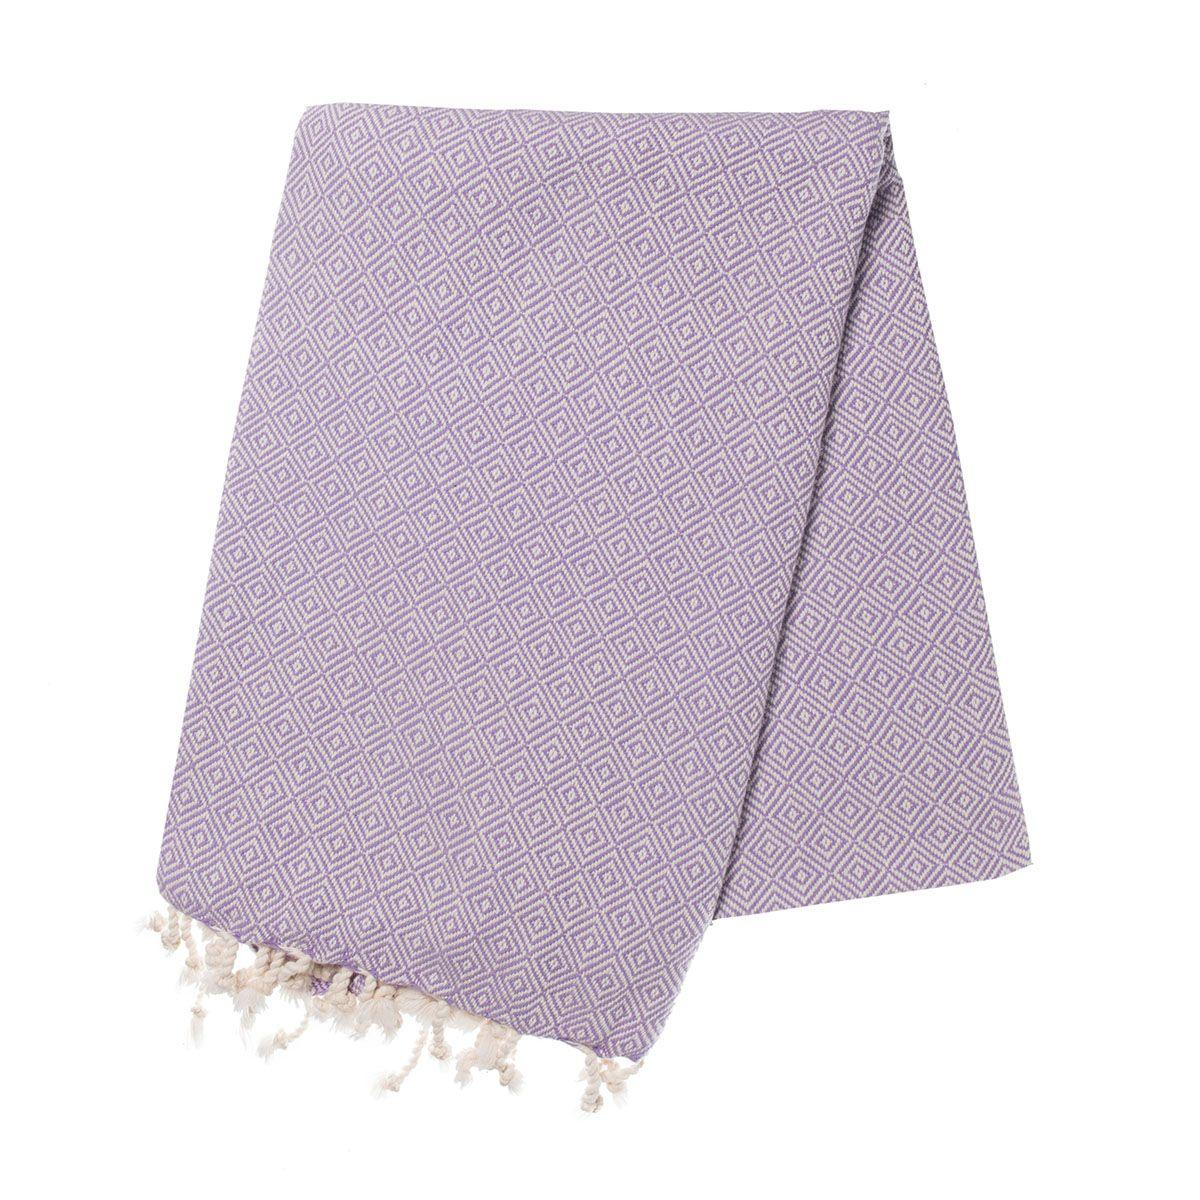 Peshtemal Diamond - Lilac